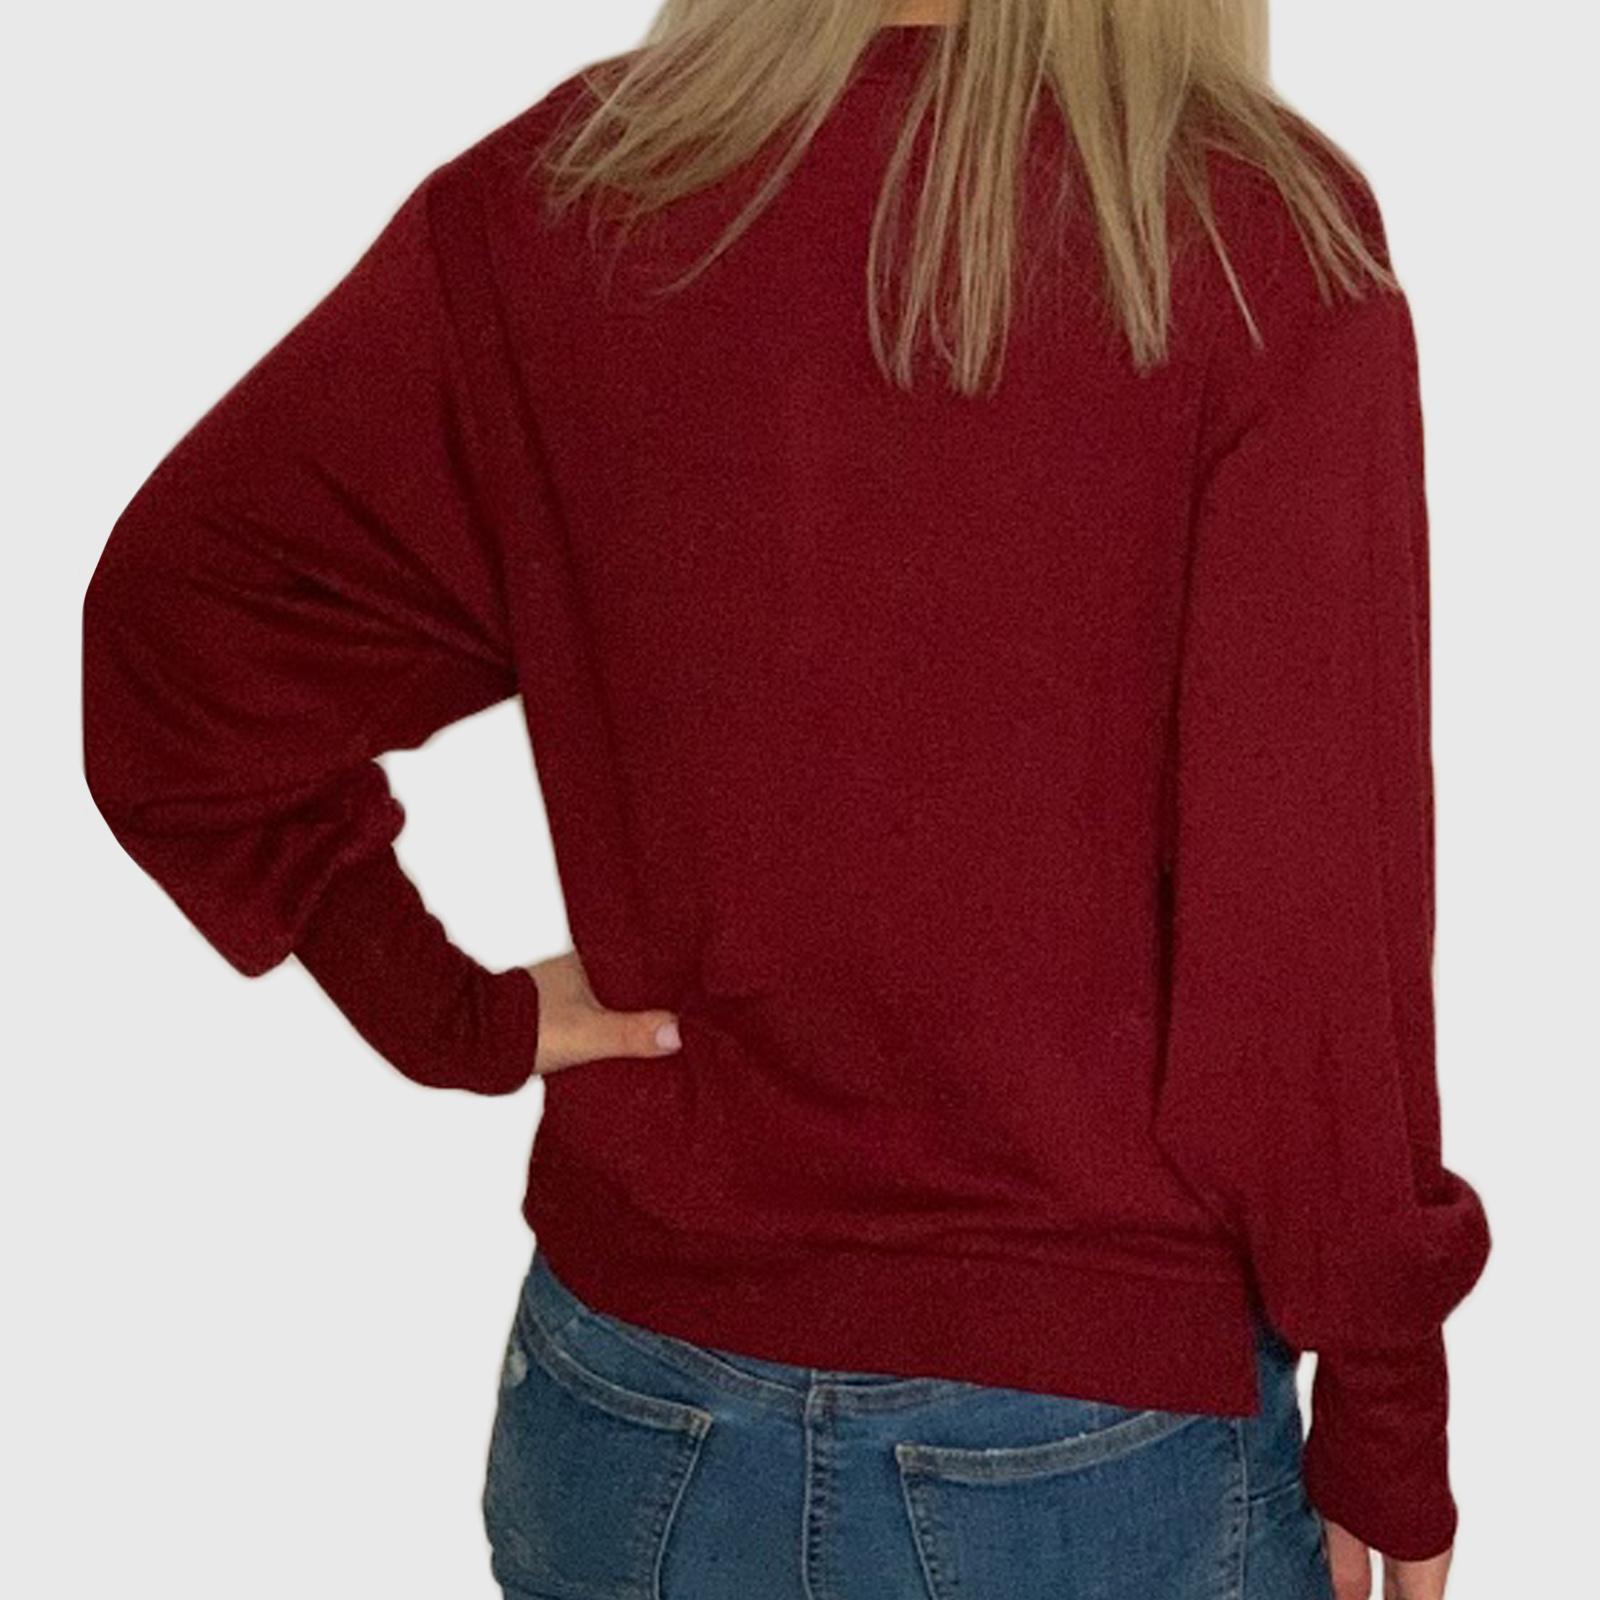 Купить модную женскую кофту бордового цвета